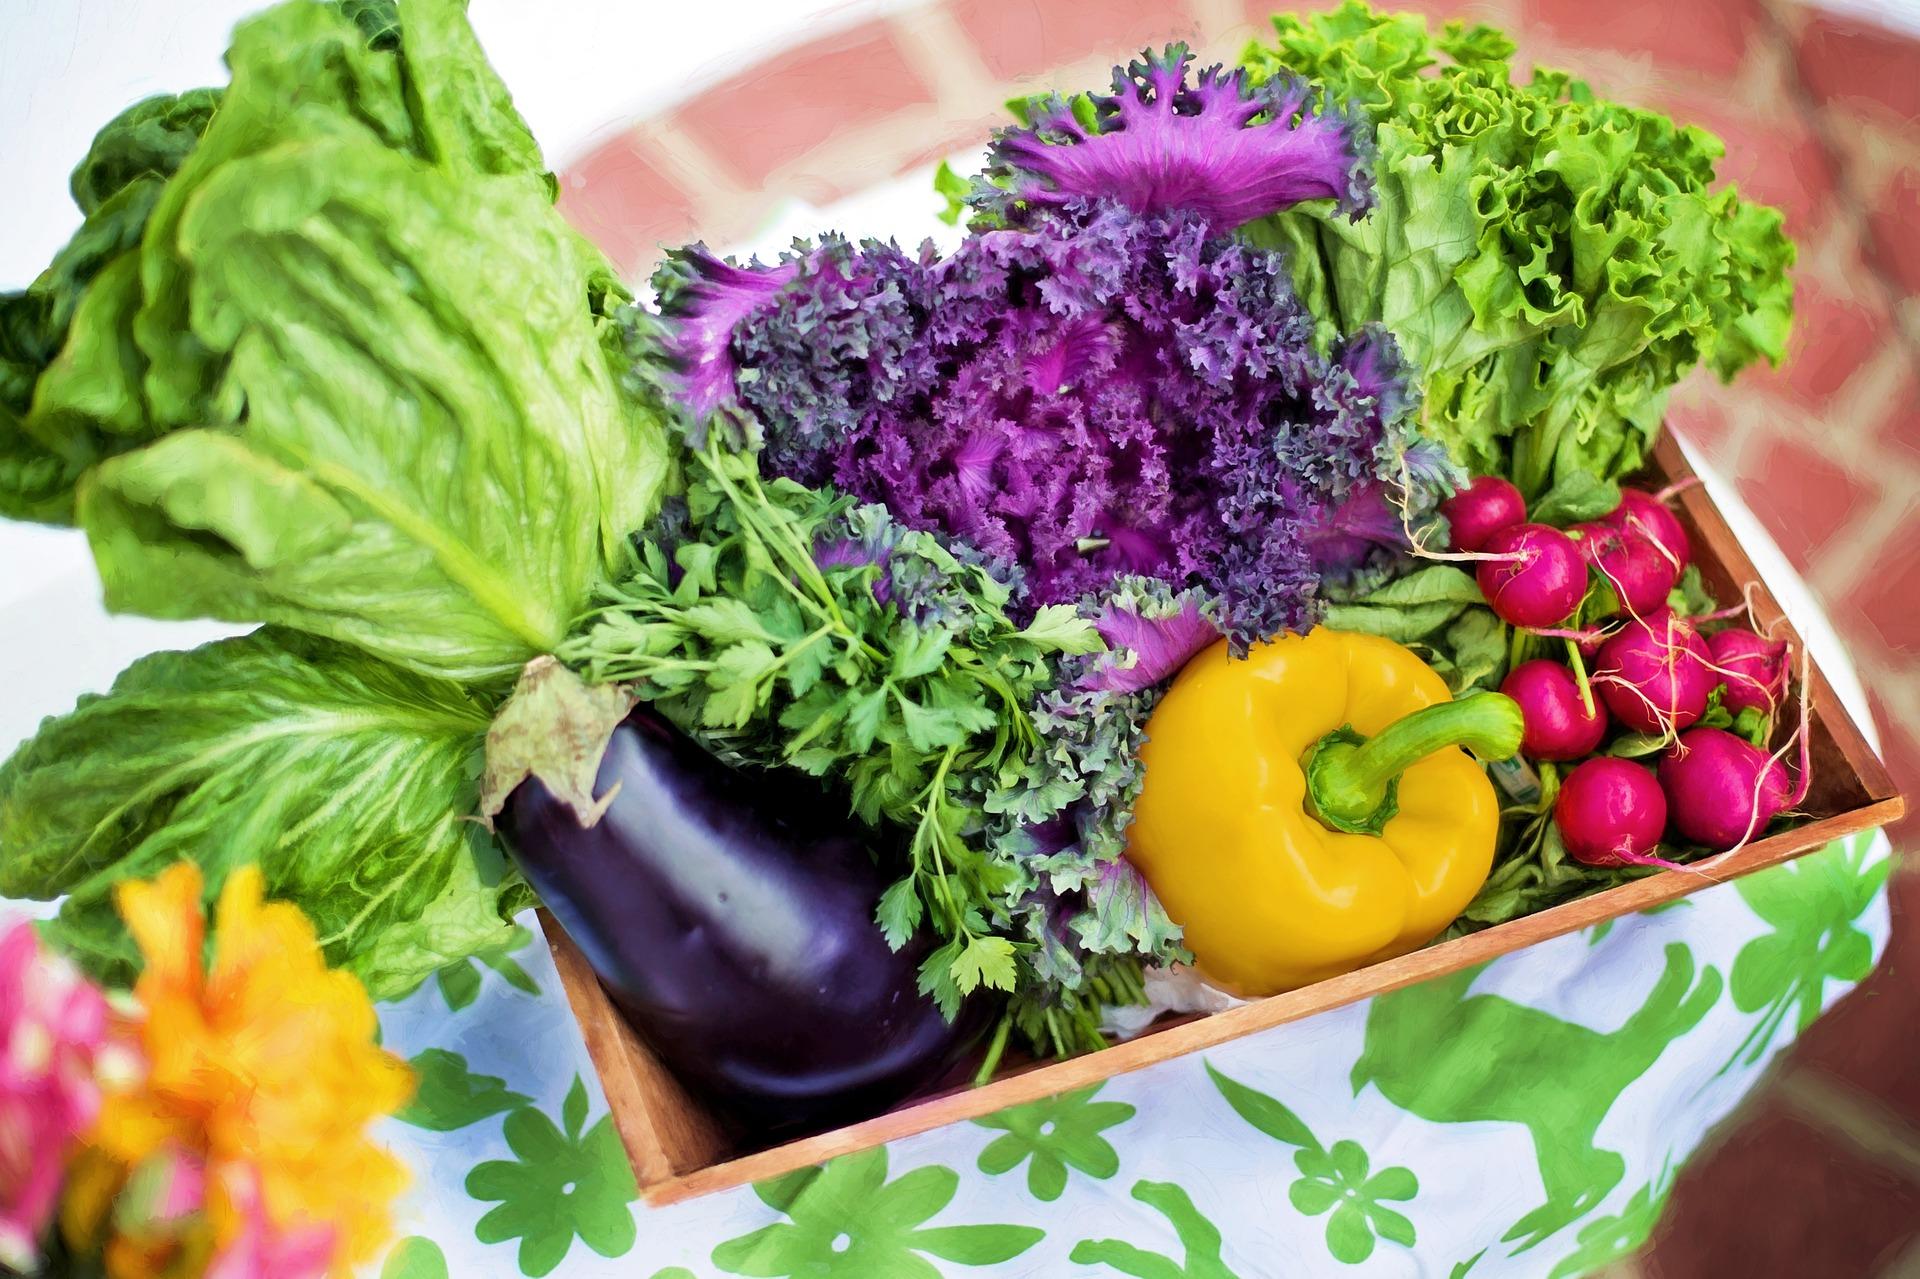 Trend: Online-Kauf von Lebensmitteln immer beliebter